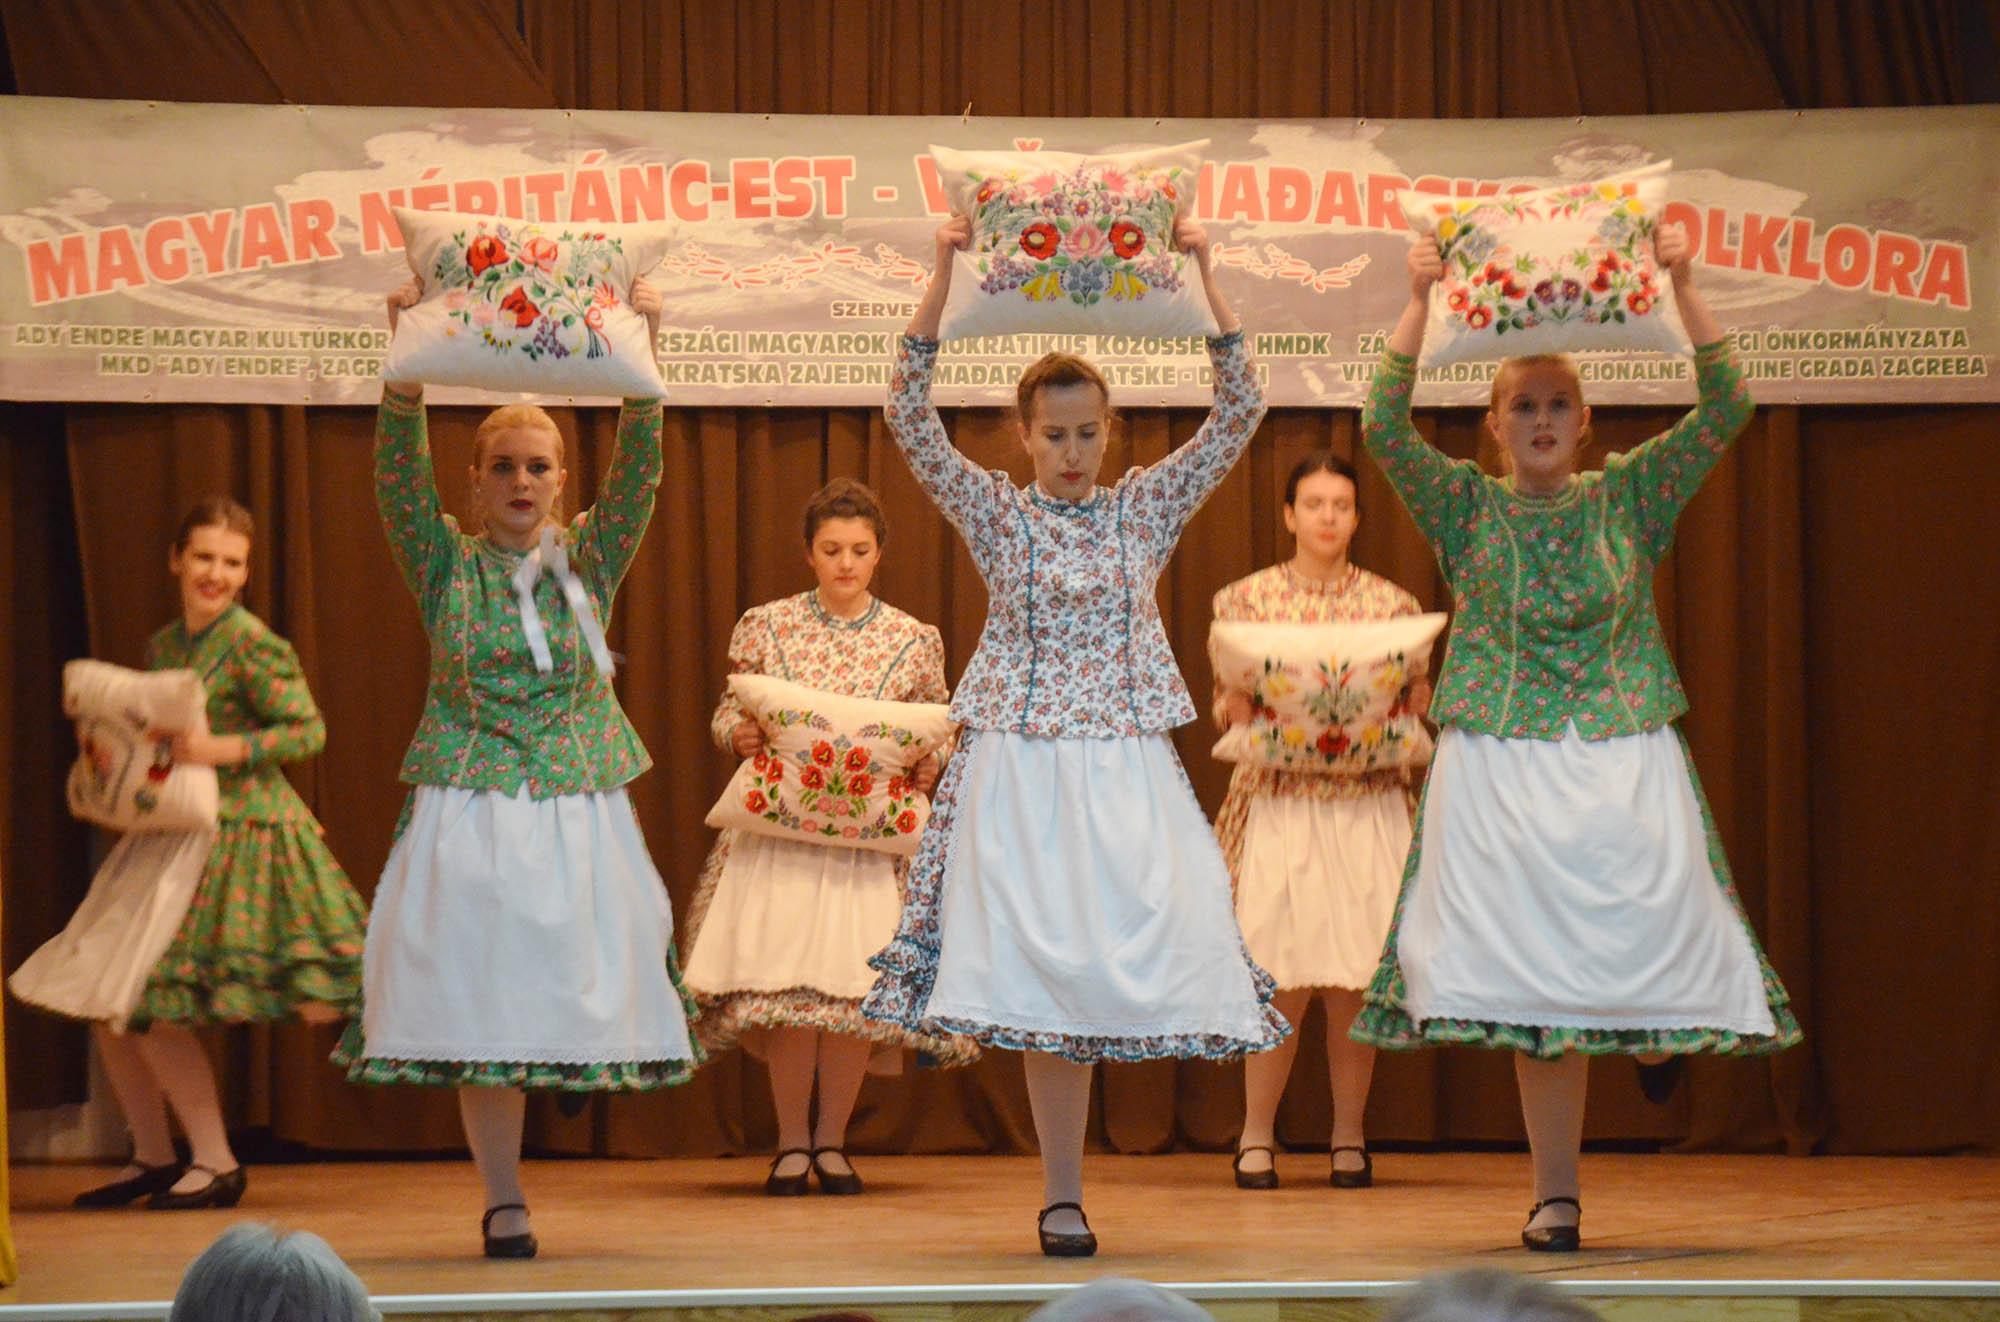 Vecer Madjarskkog Folklora (17)